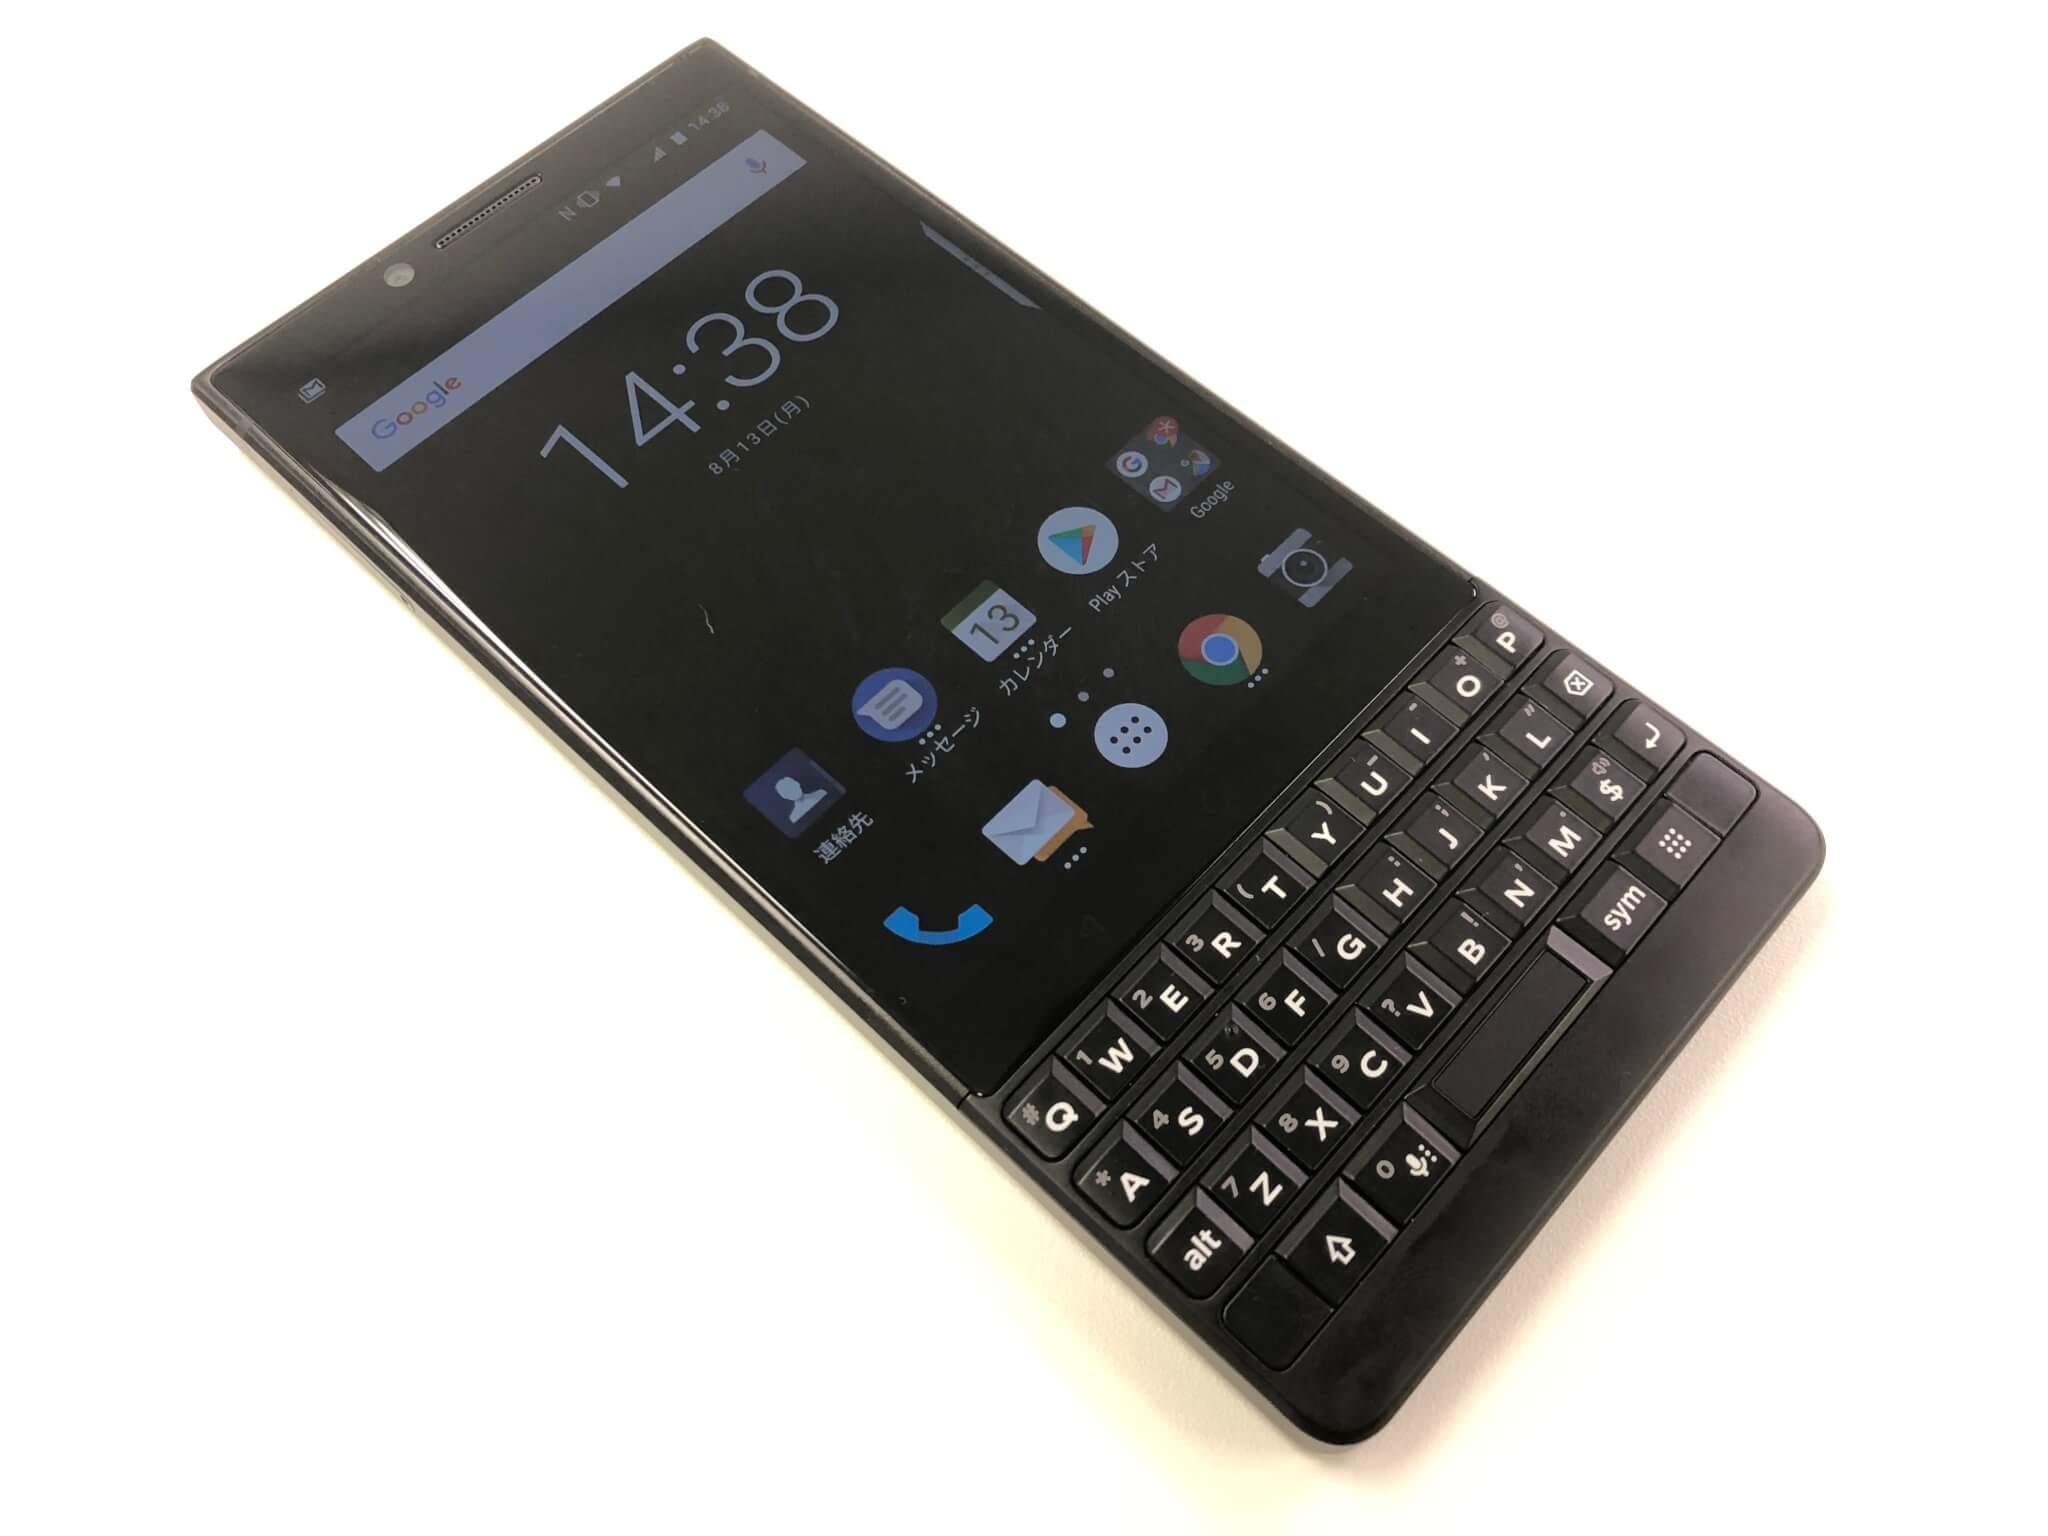 至高のフルキーボードを備えた国内ネットワークにも最適なSIMフリー端末「BlackBerry KEY2」